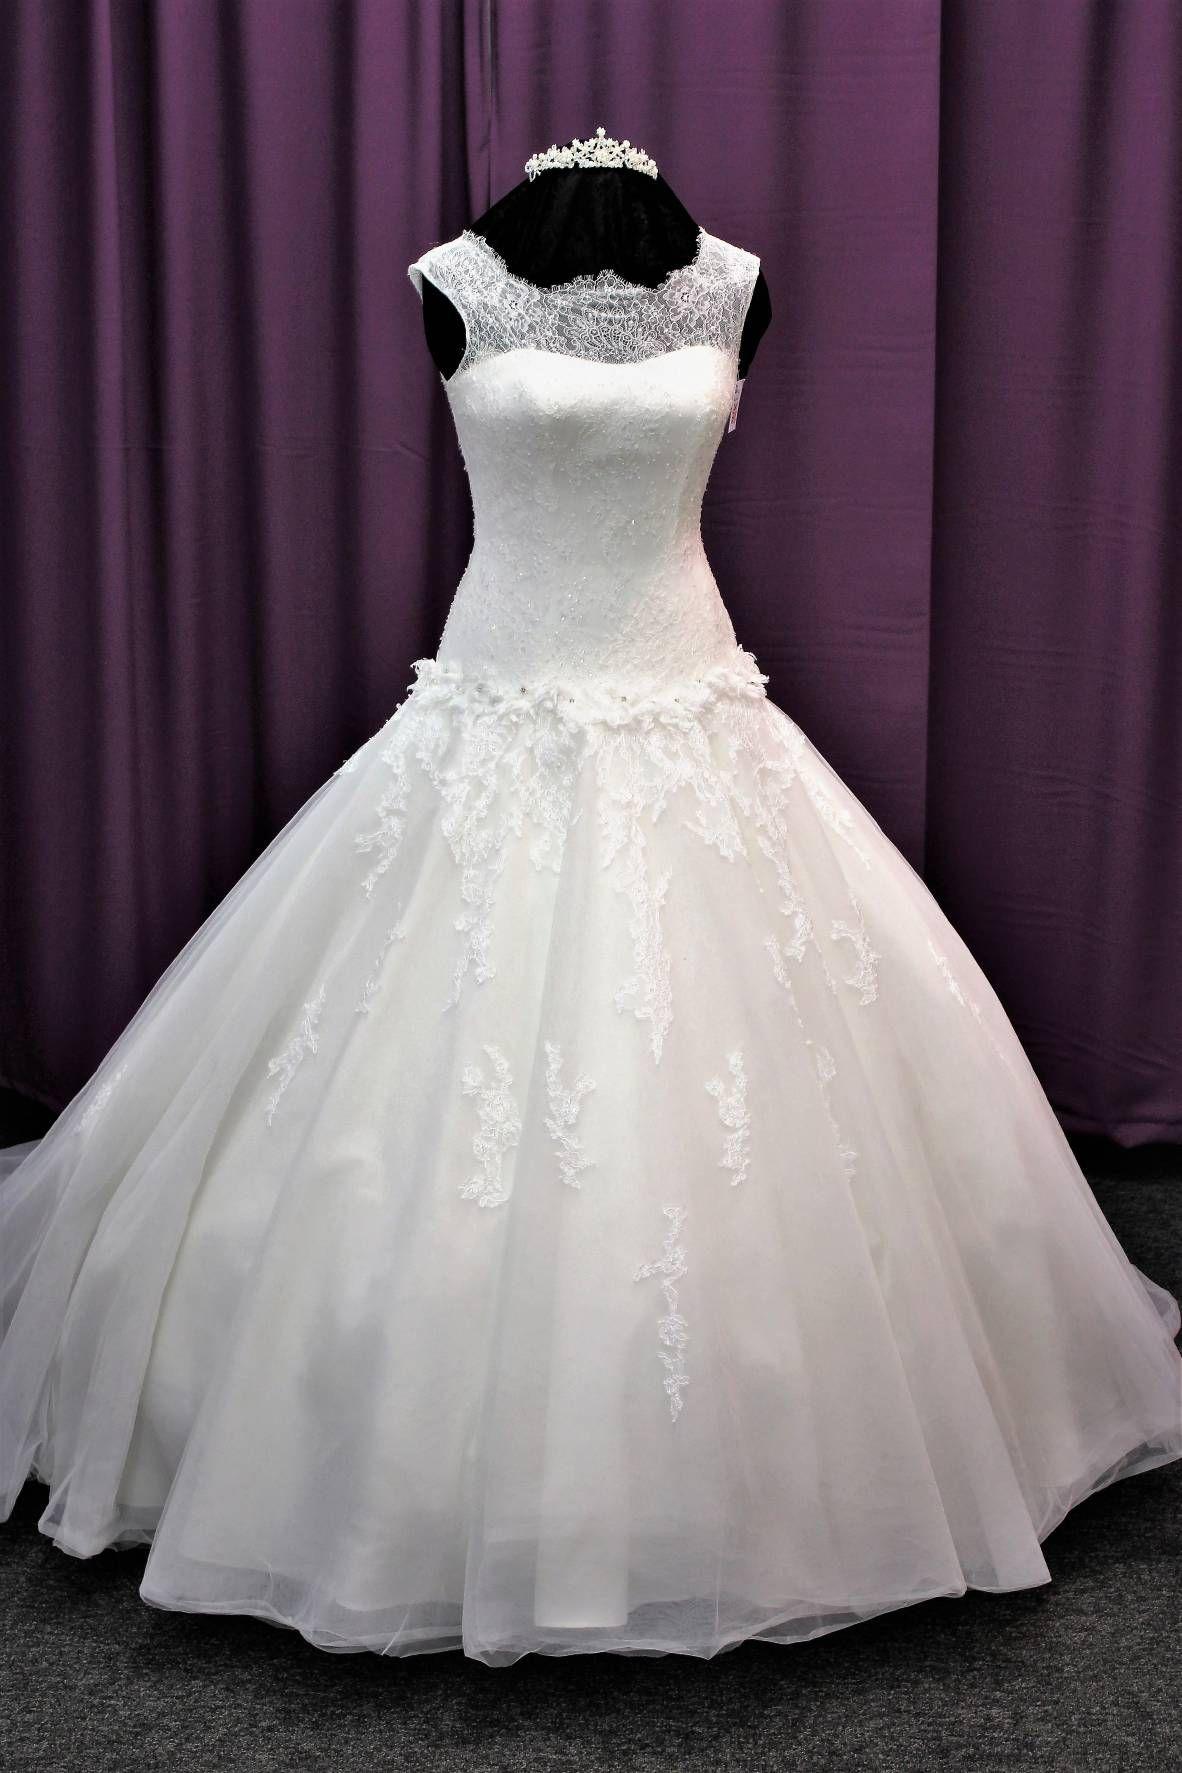 competitive price 7562d abe23 gebrauchte Brautkleider und Abendkleider La Belle Uffenheim ...